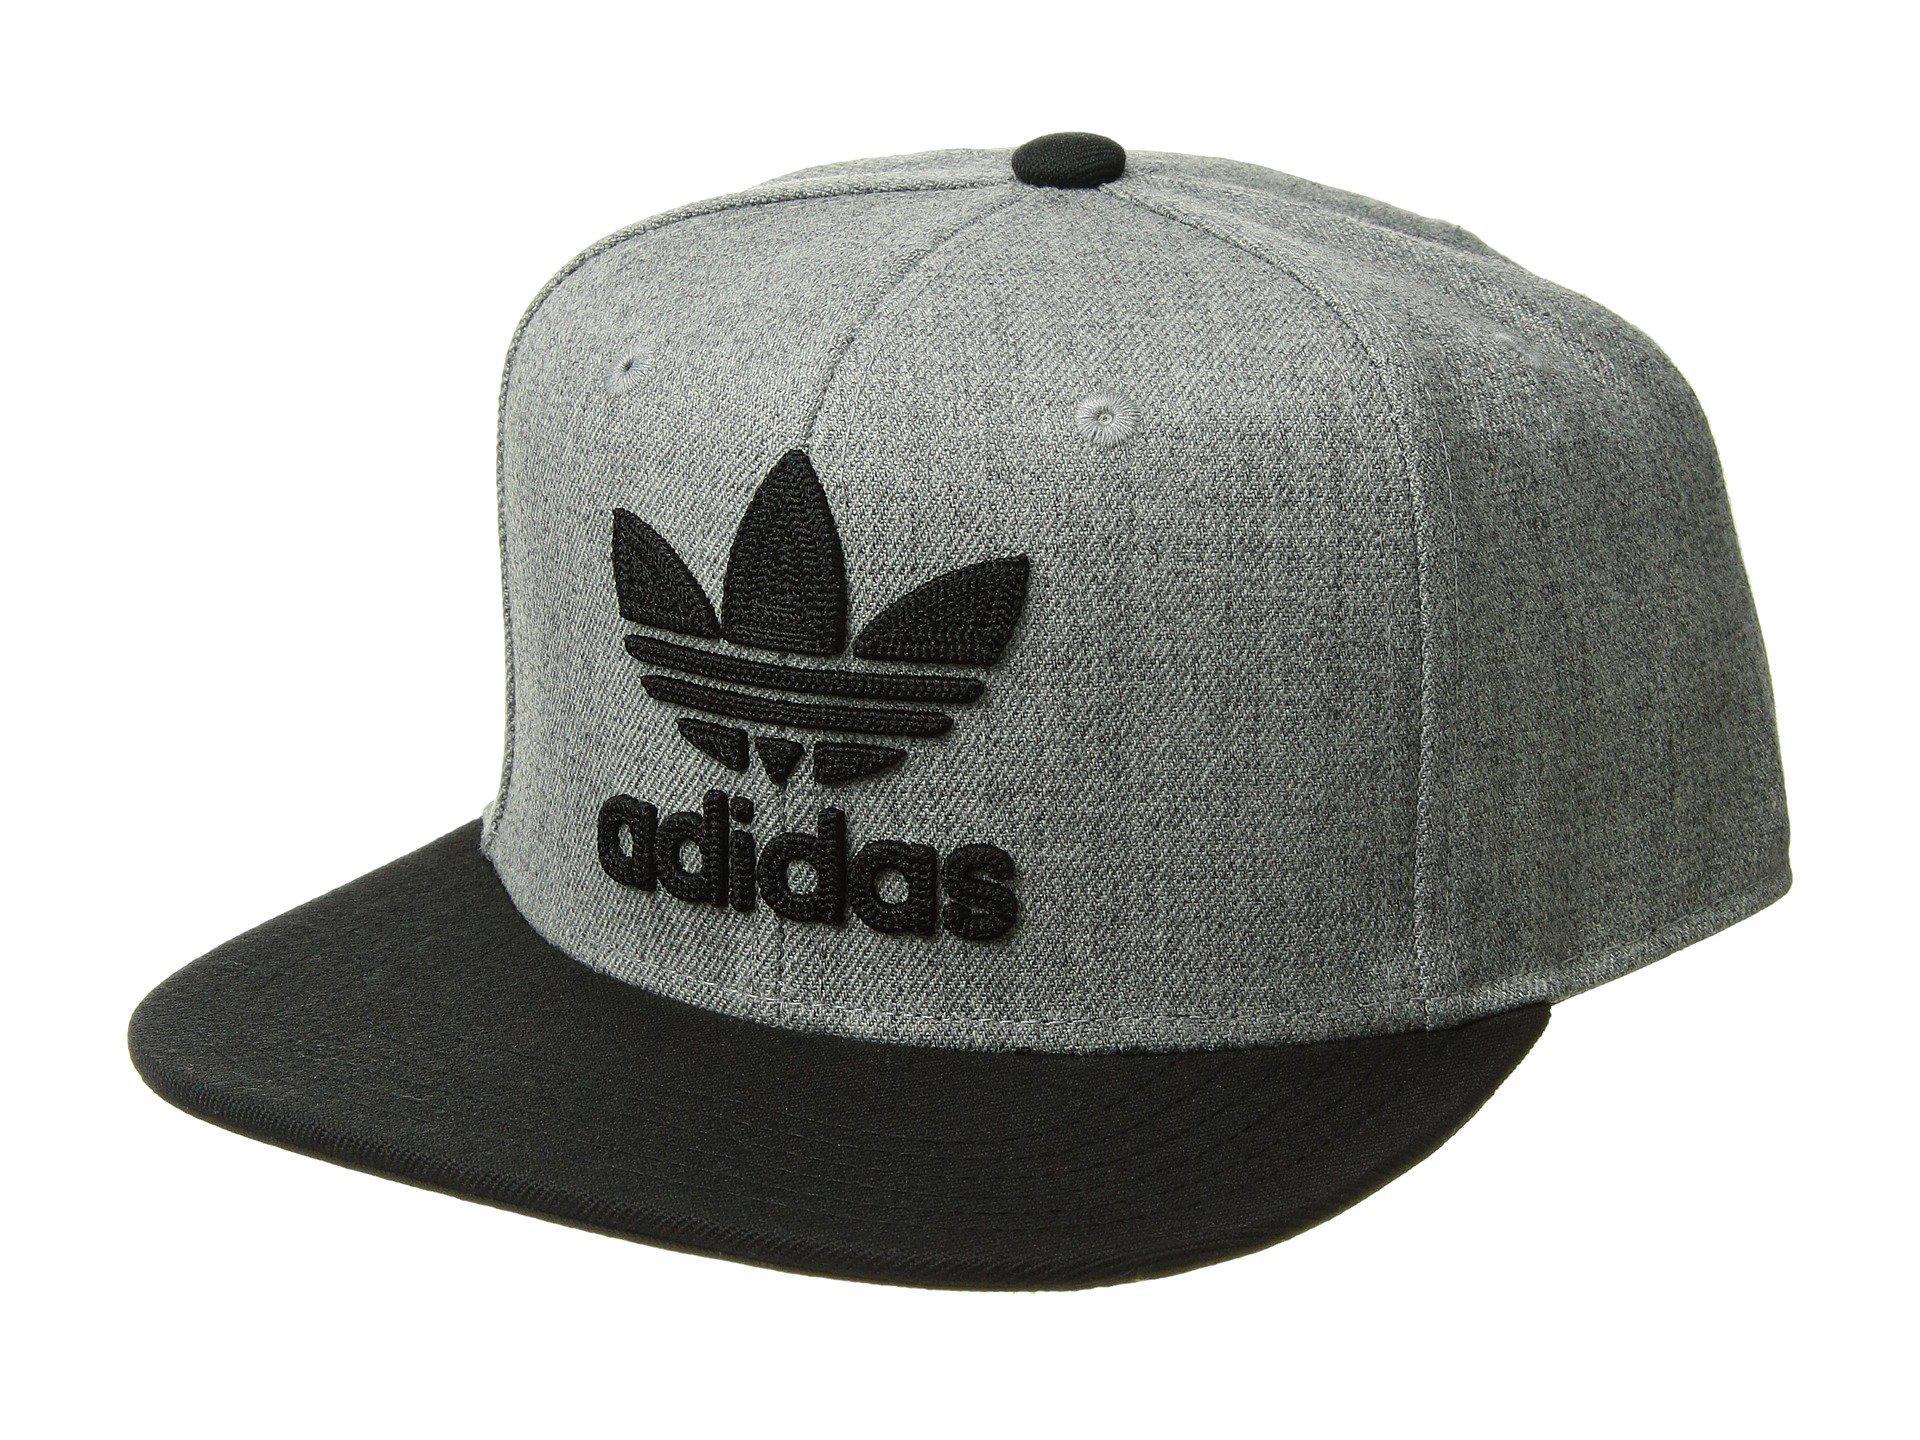 1433e3c9dc1 Adidas Originals - Gray Originals Trefoil Chain Snapback Cap (heather  Grey black) Caps. View fullscreen